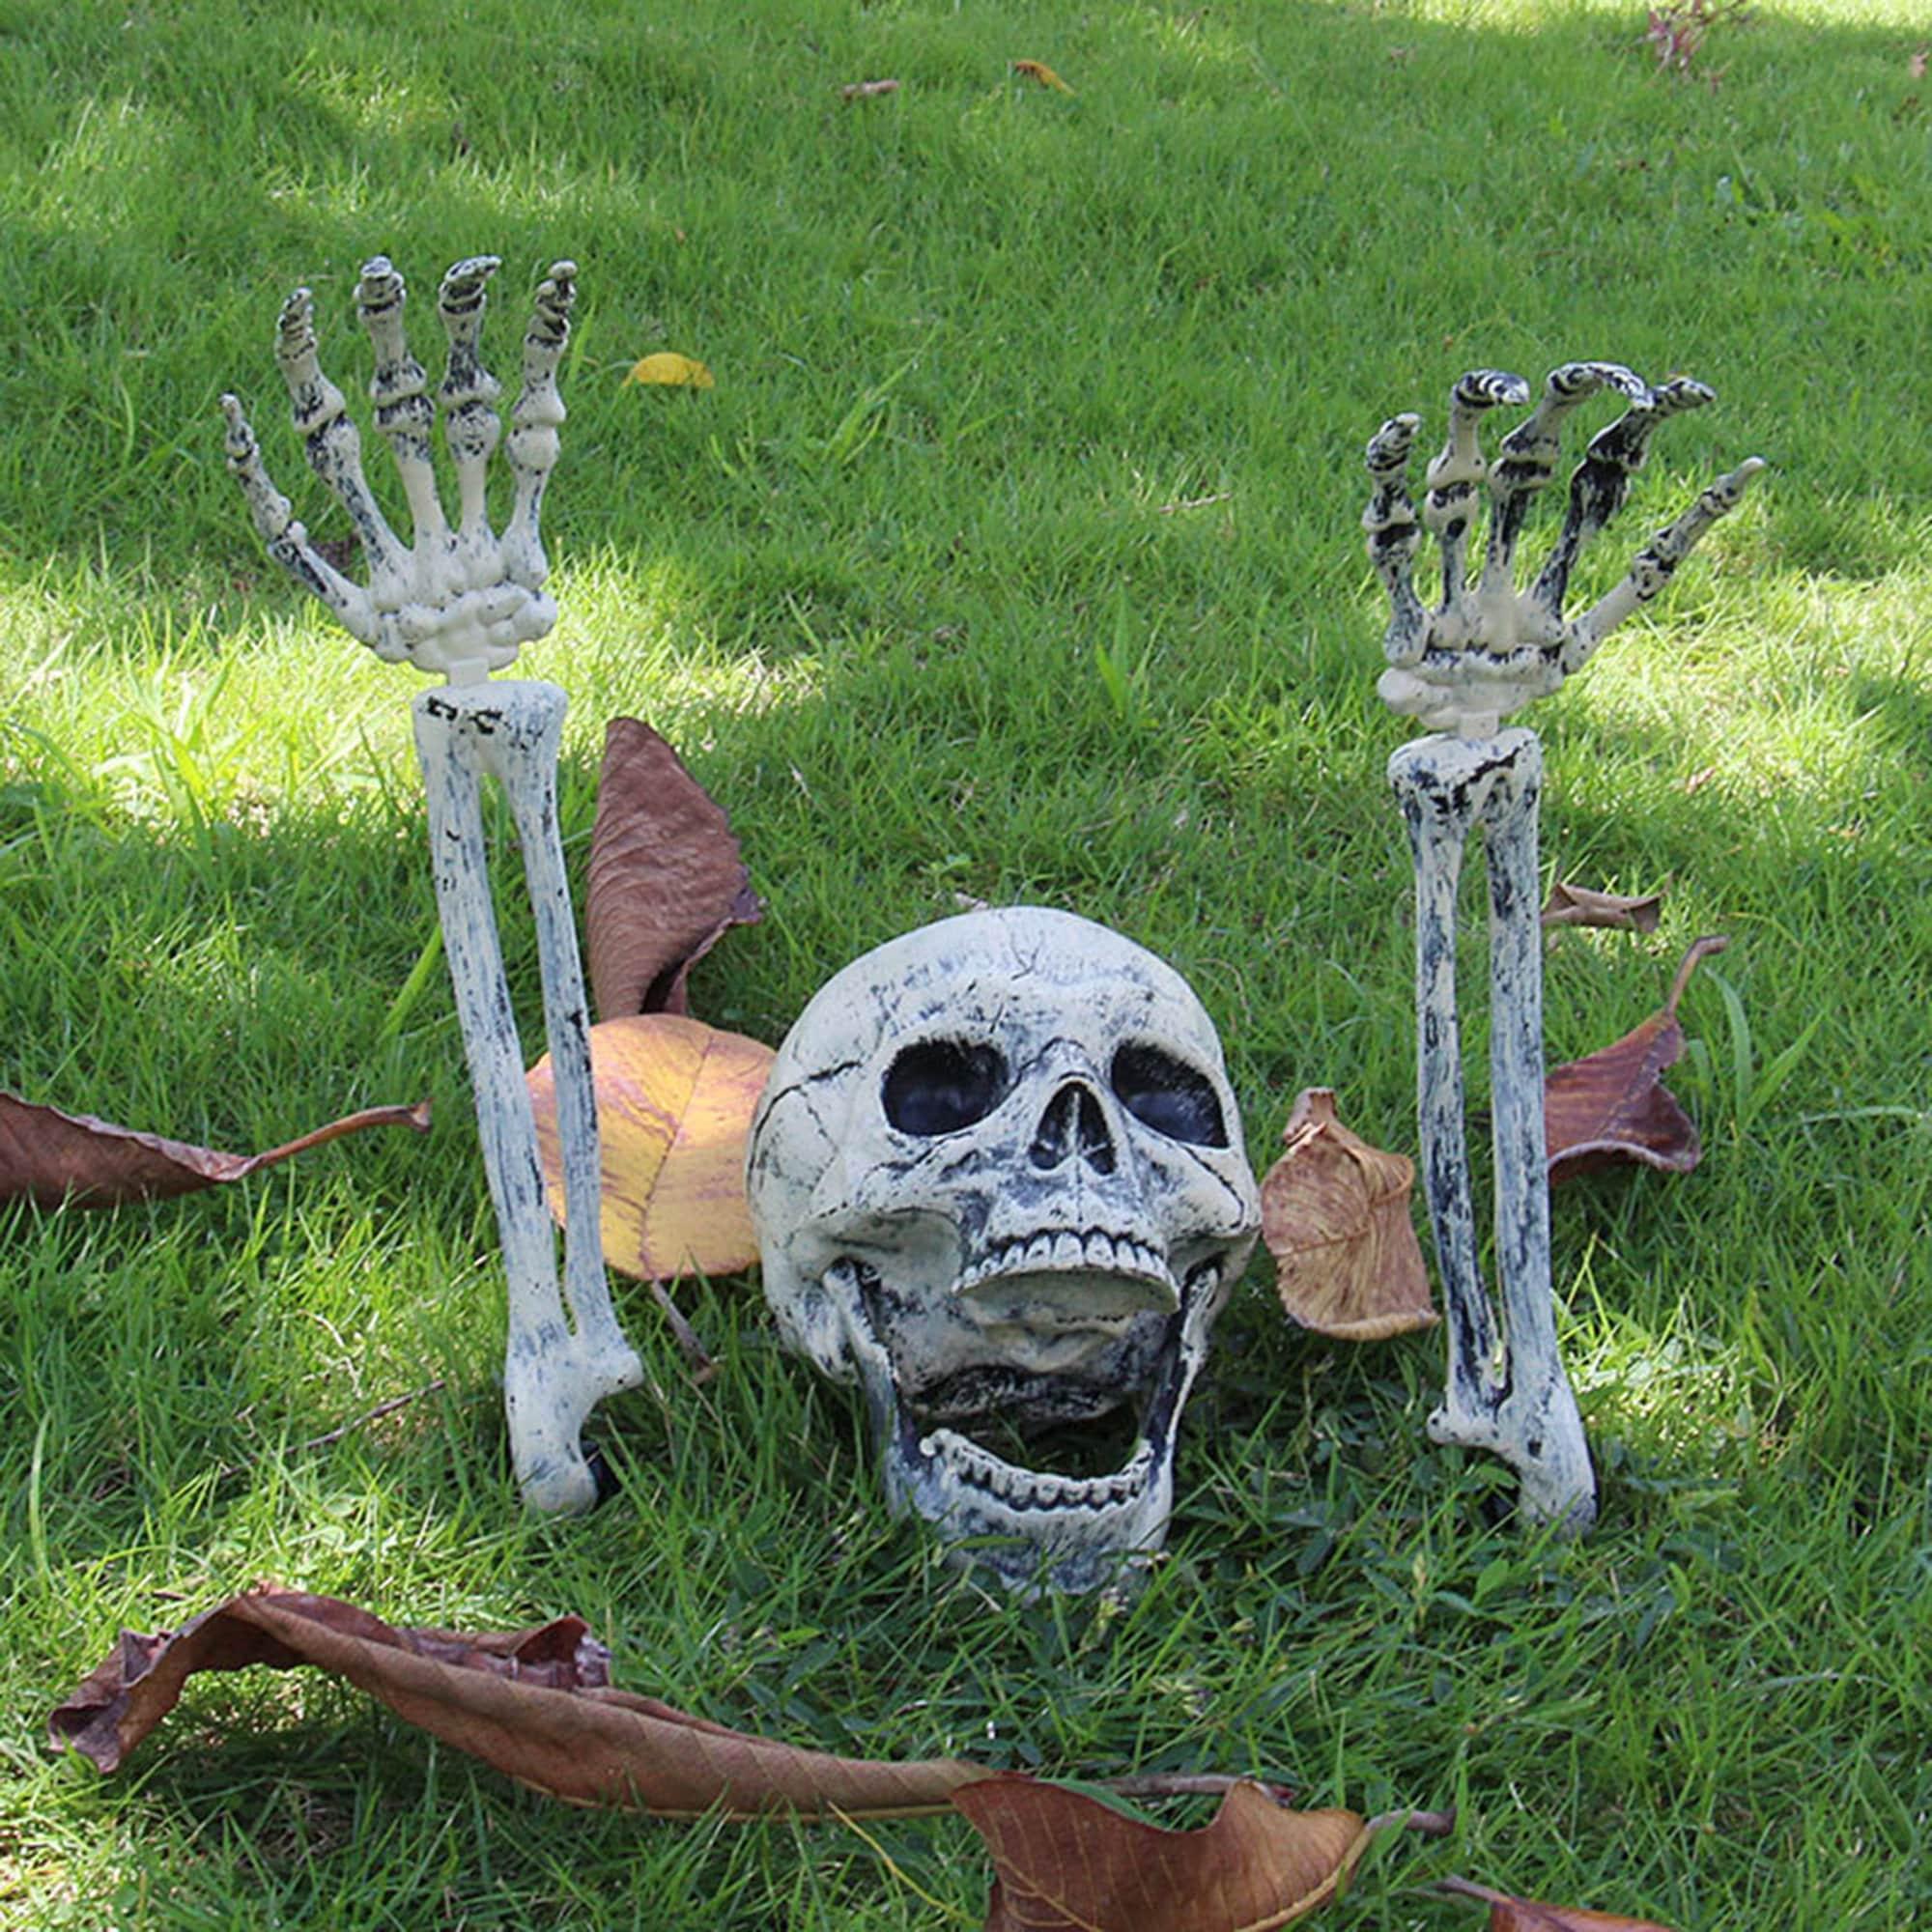 Realistic Skeleton Stakes Halloween Decorations for Lawn Stakes Garden Halloween Skeleton Decoration, Garden Ornament, Horror Skull Props